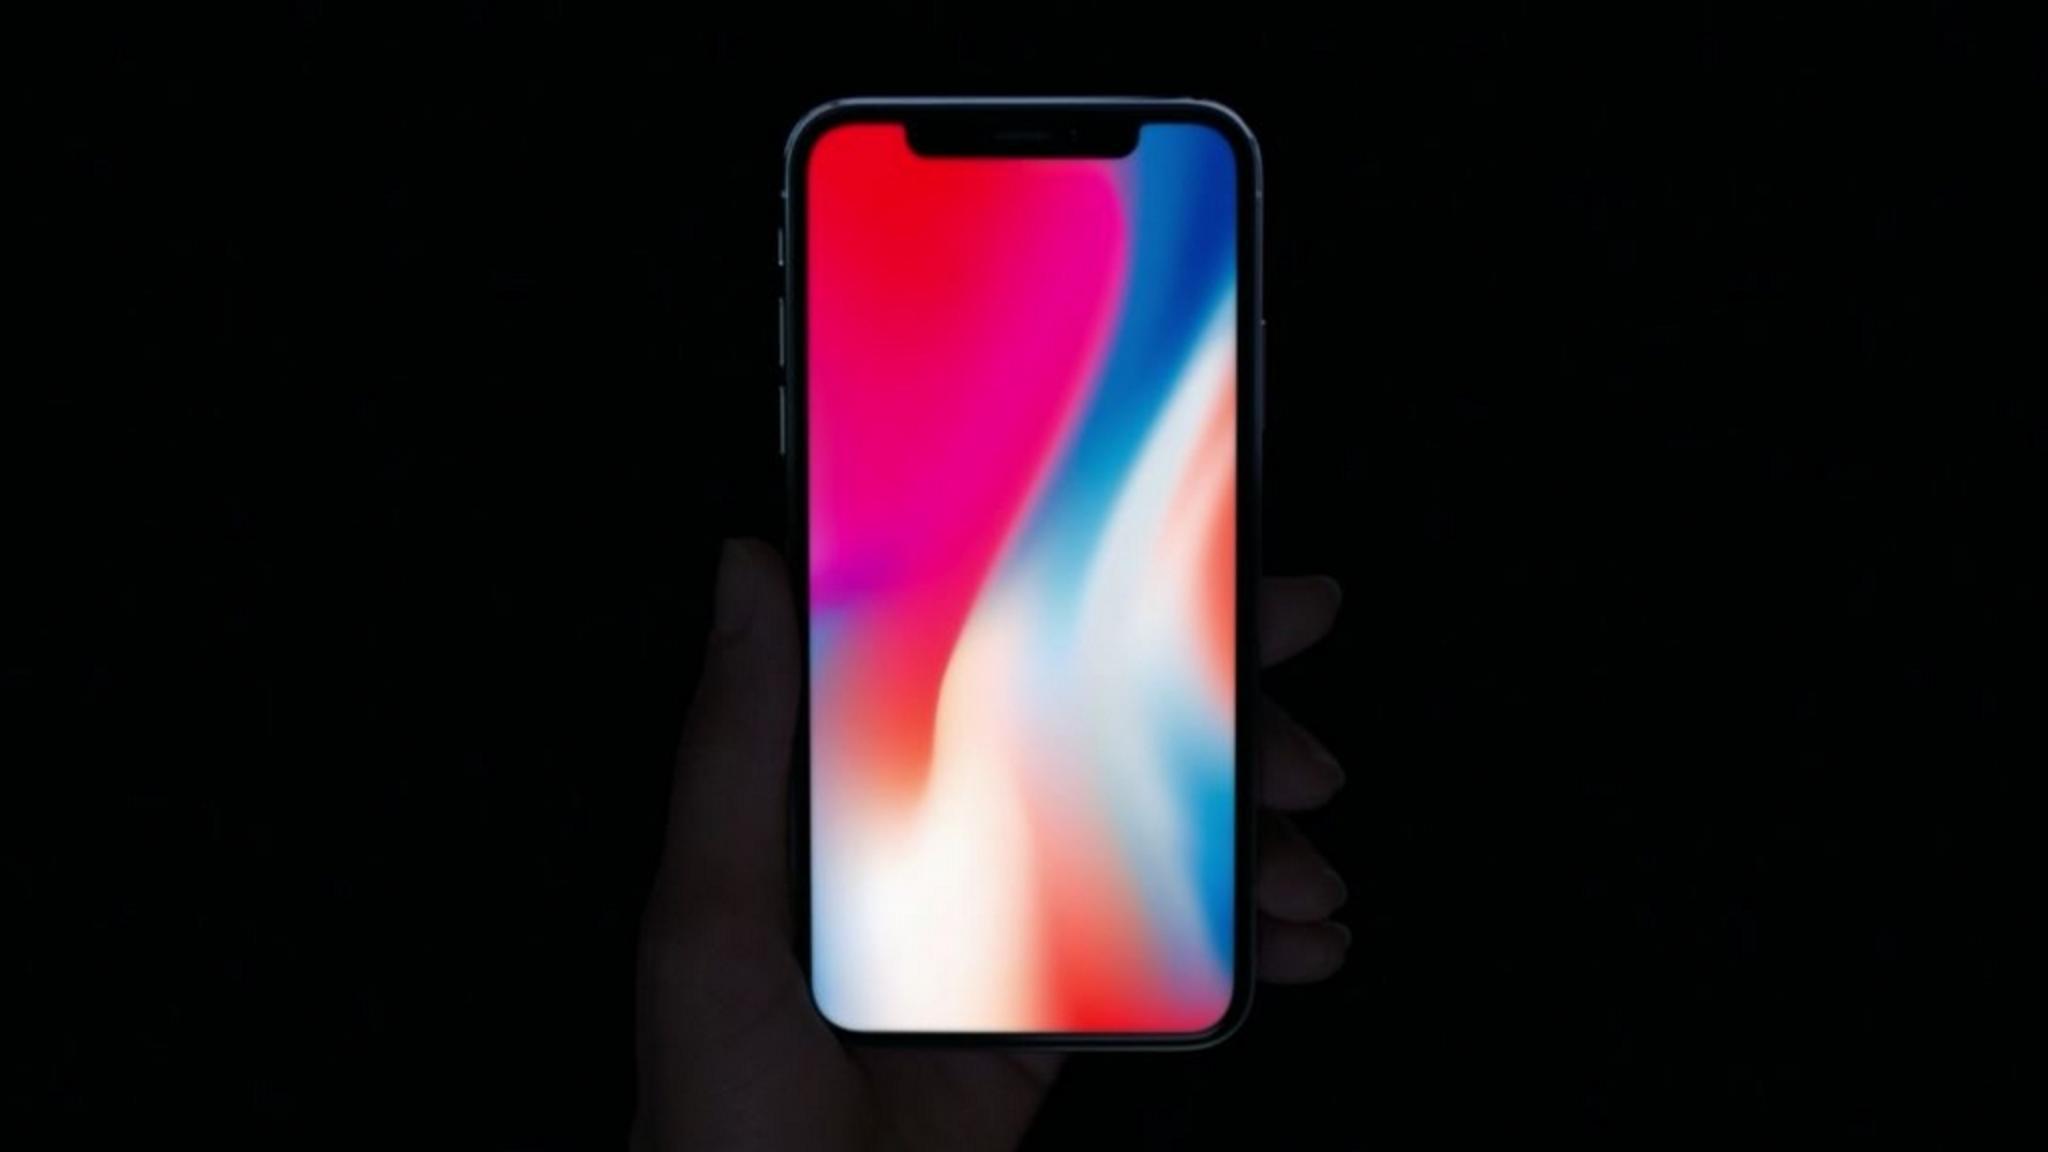 Das iPhone X kann im Vergleich zum Note 8 einige Punkte für sich verbuchen.